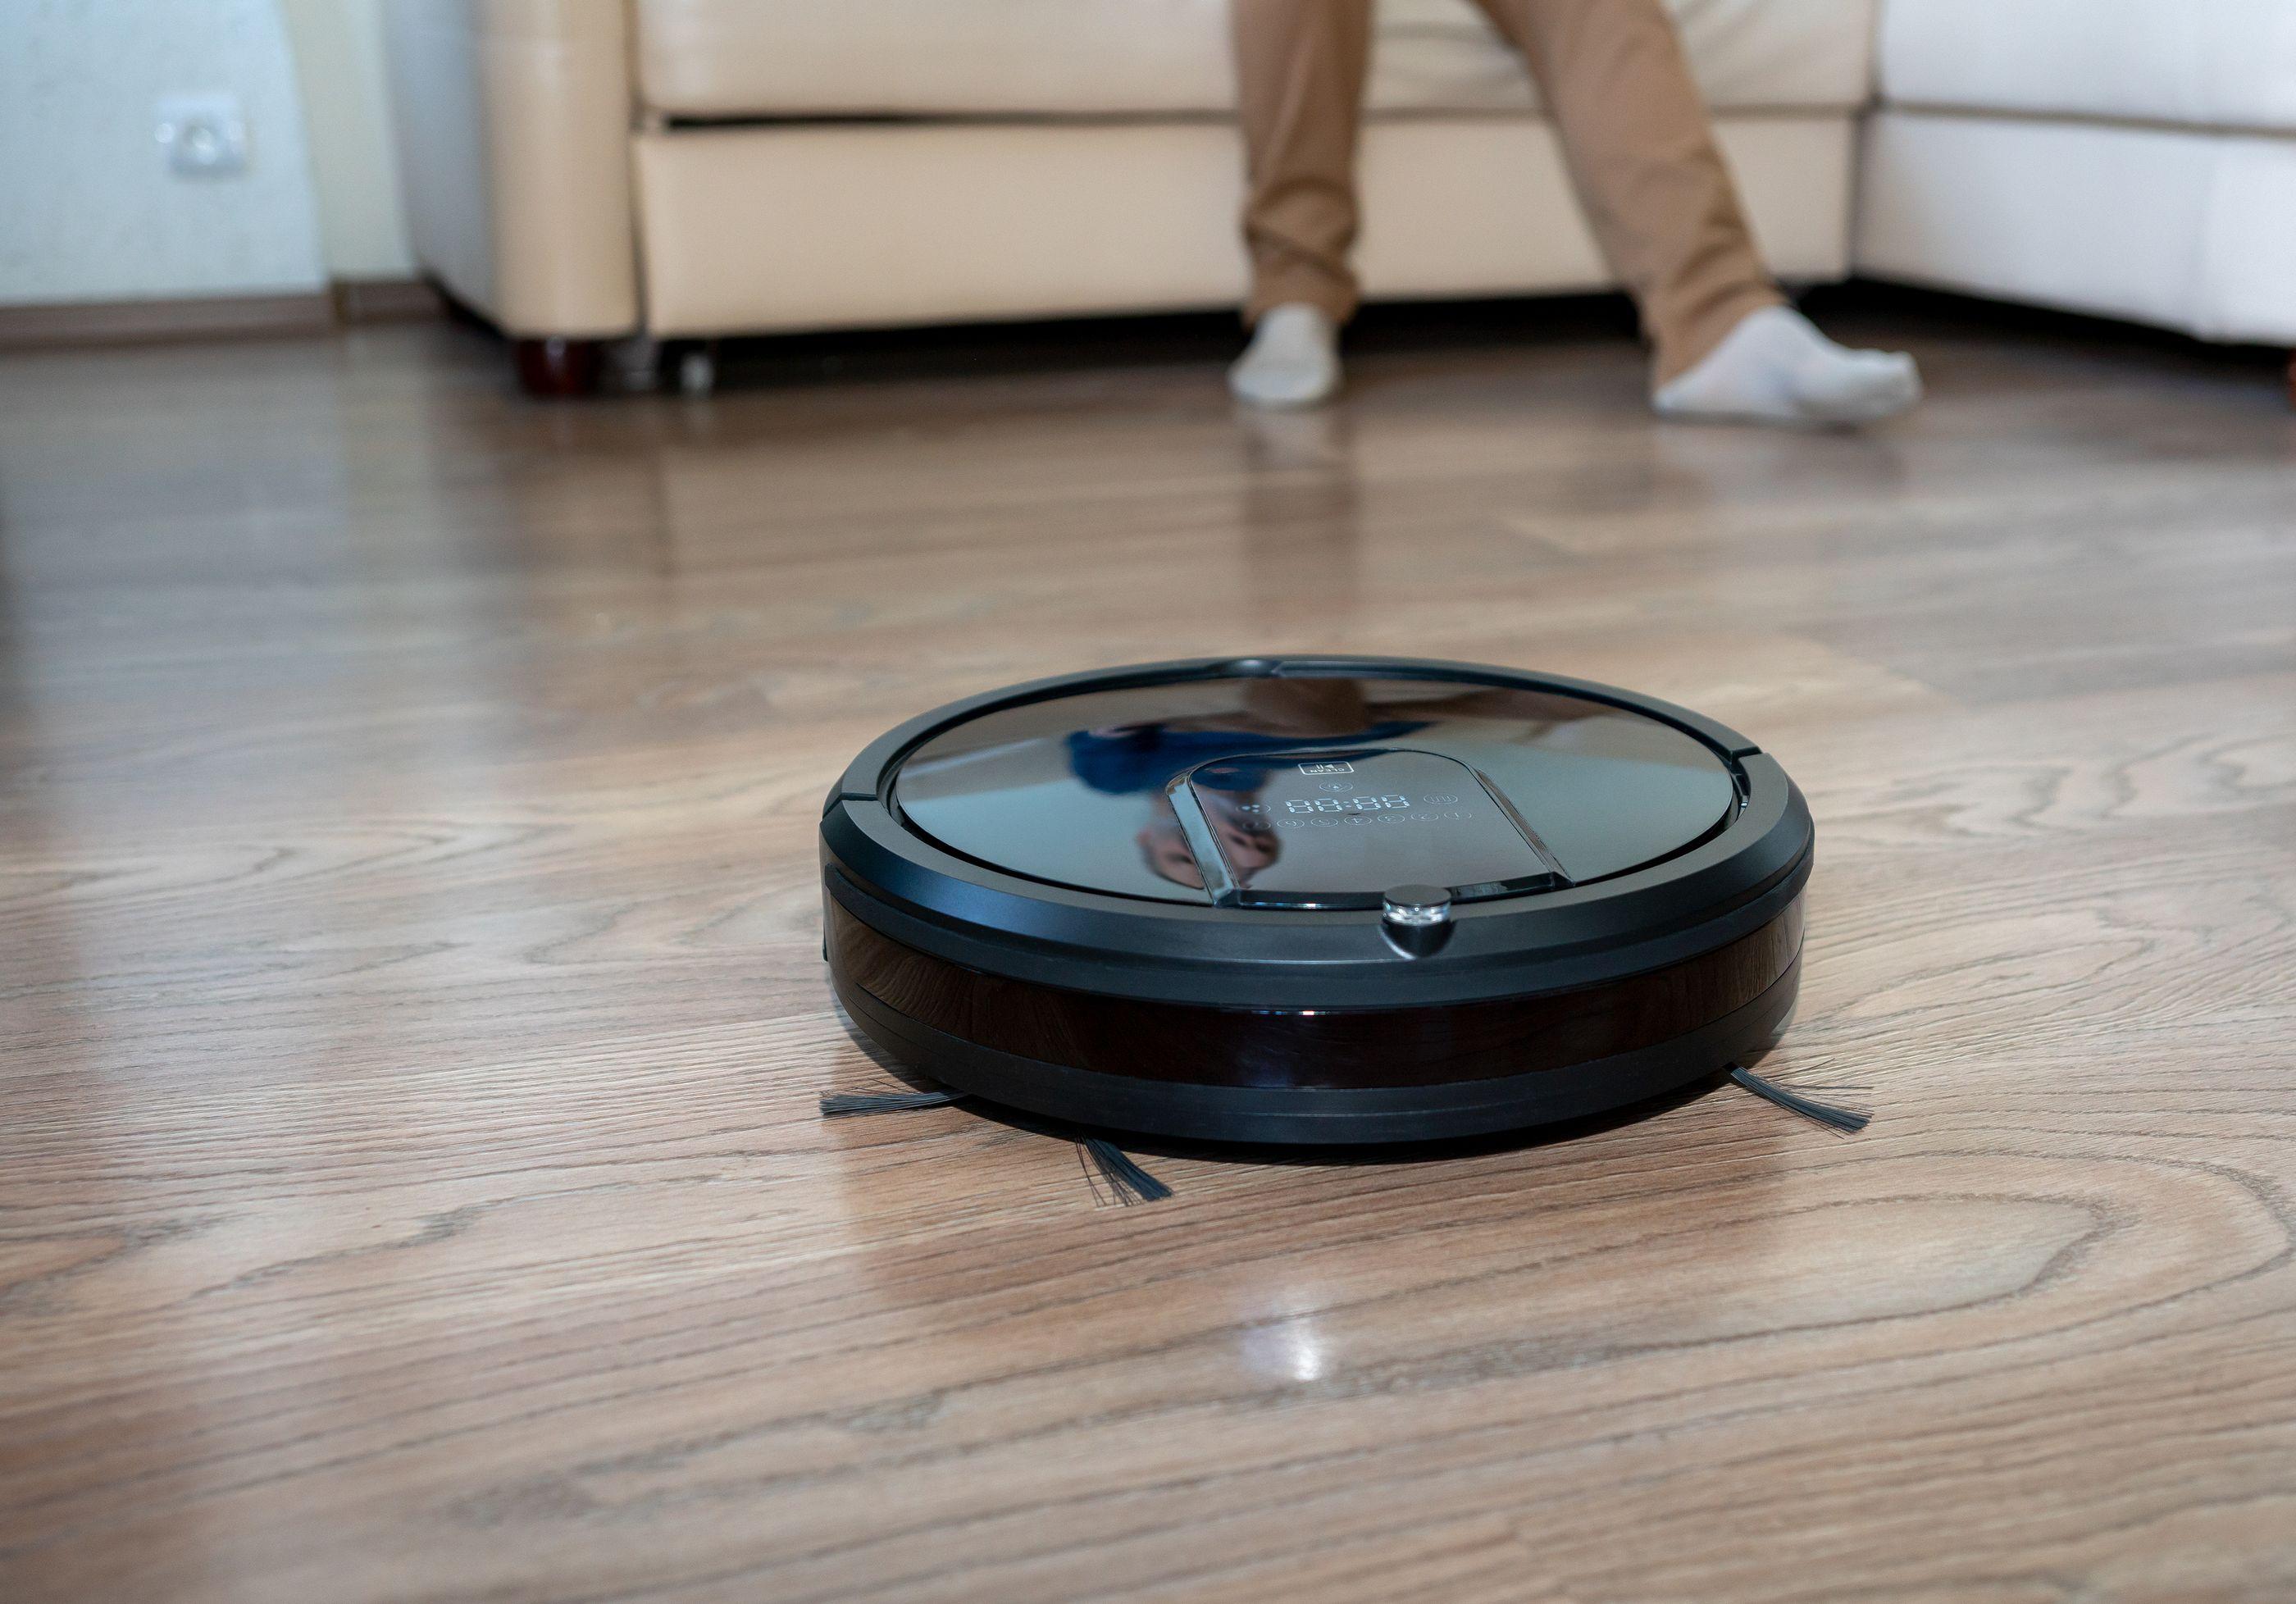 Robot per l'aspirapolvere nelle case